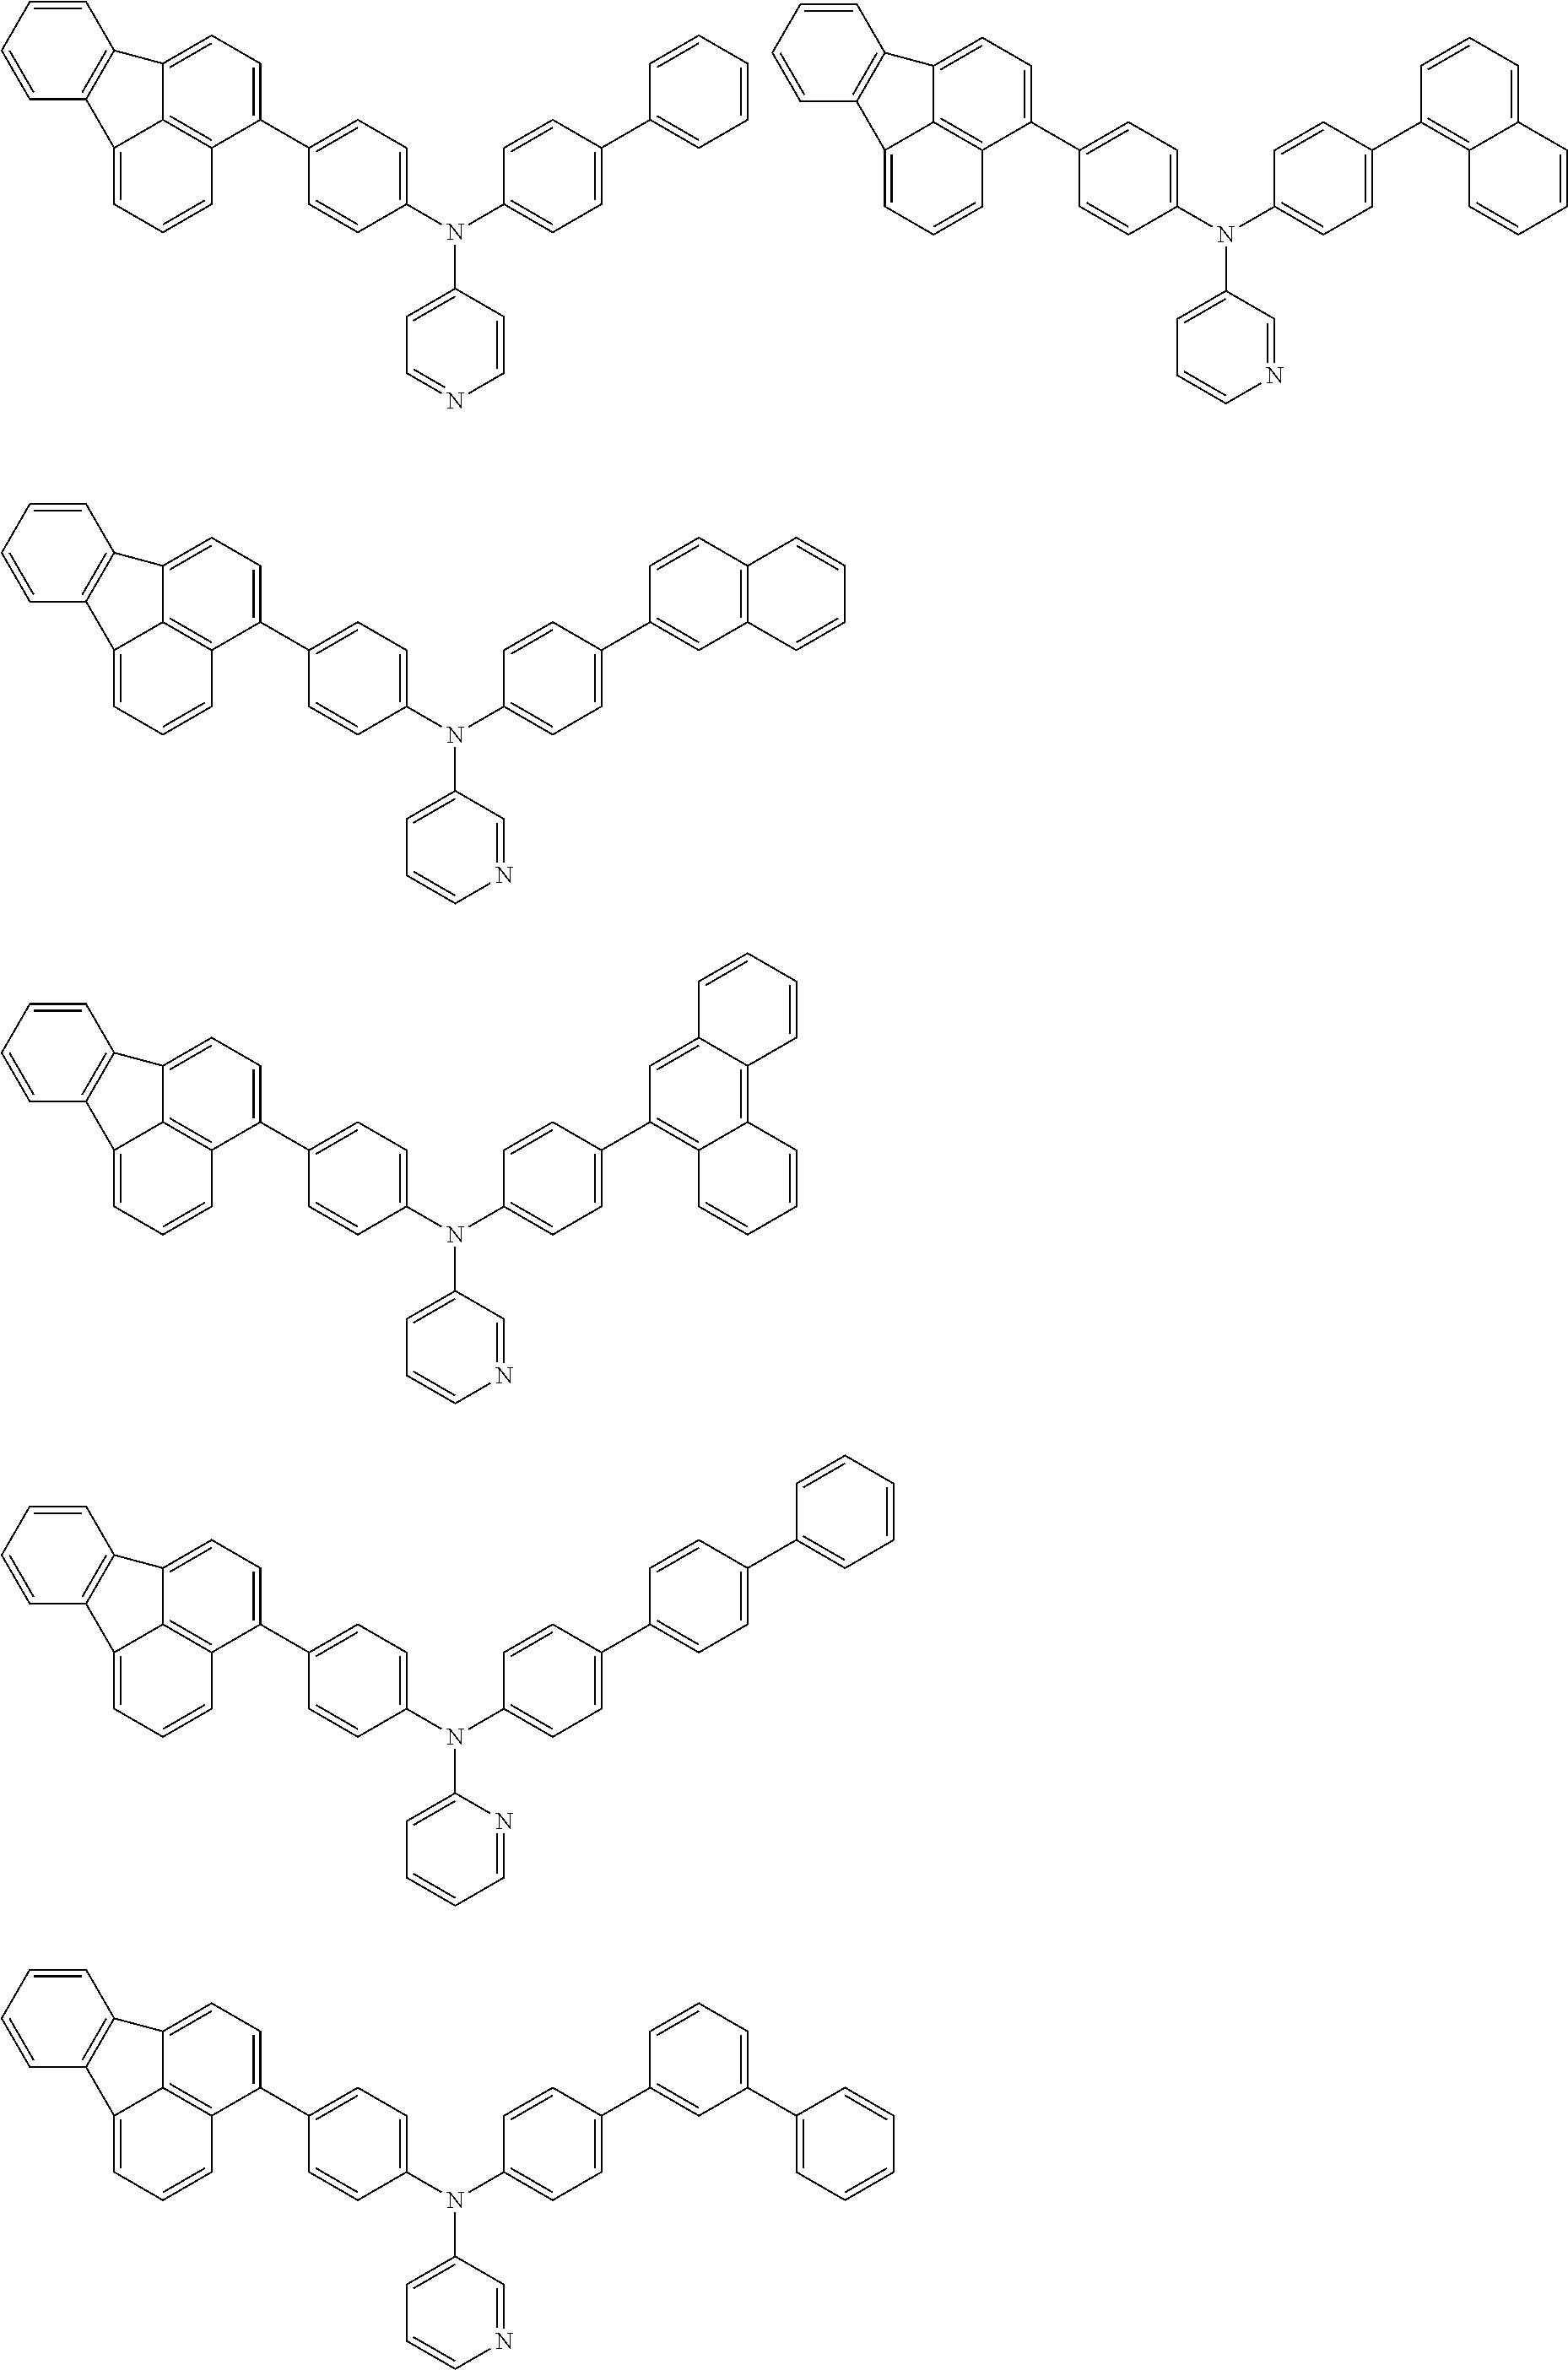 Figure US20150280139A1-20151001-C00104